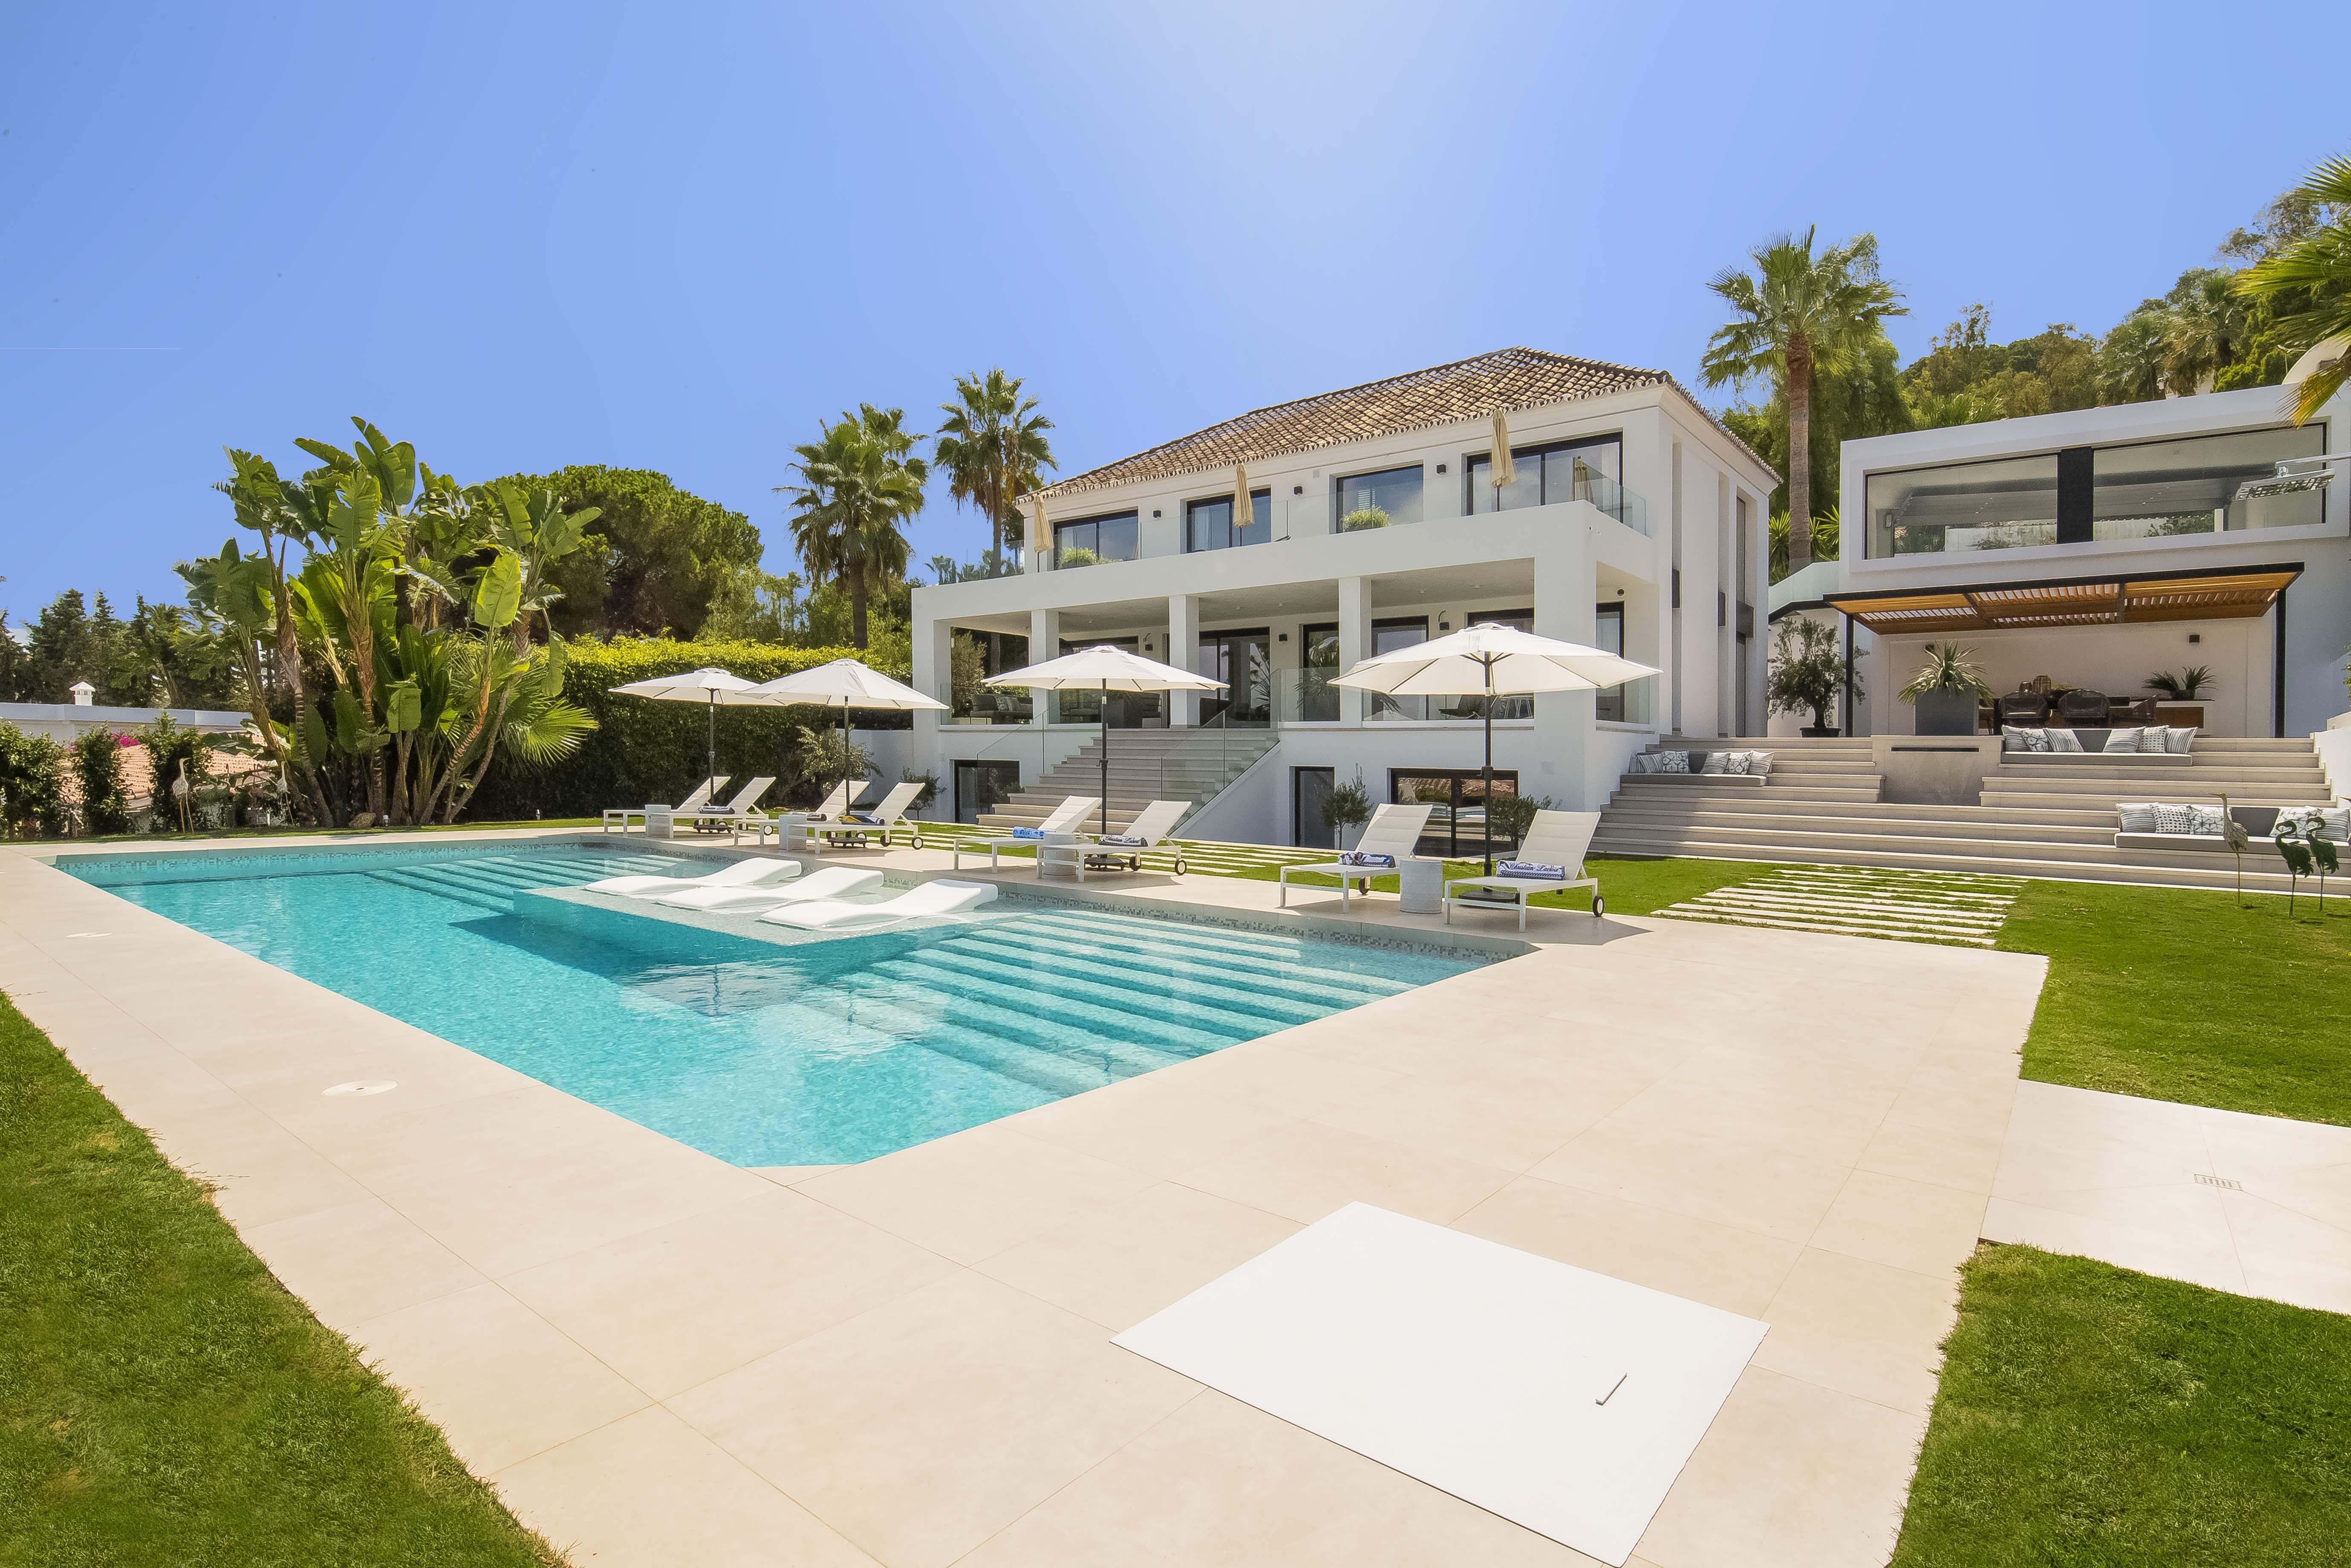 Villa Milano - Coliz & Murphy – villa i Spanien - hitta lyxigt boende och mäklare i Spanien.